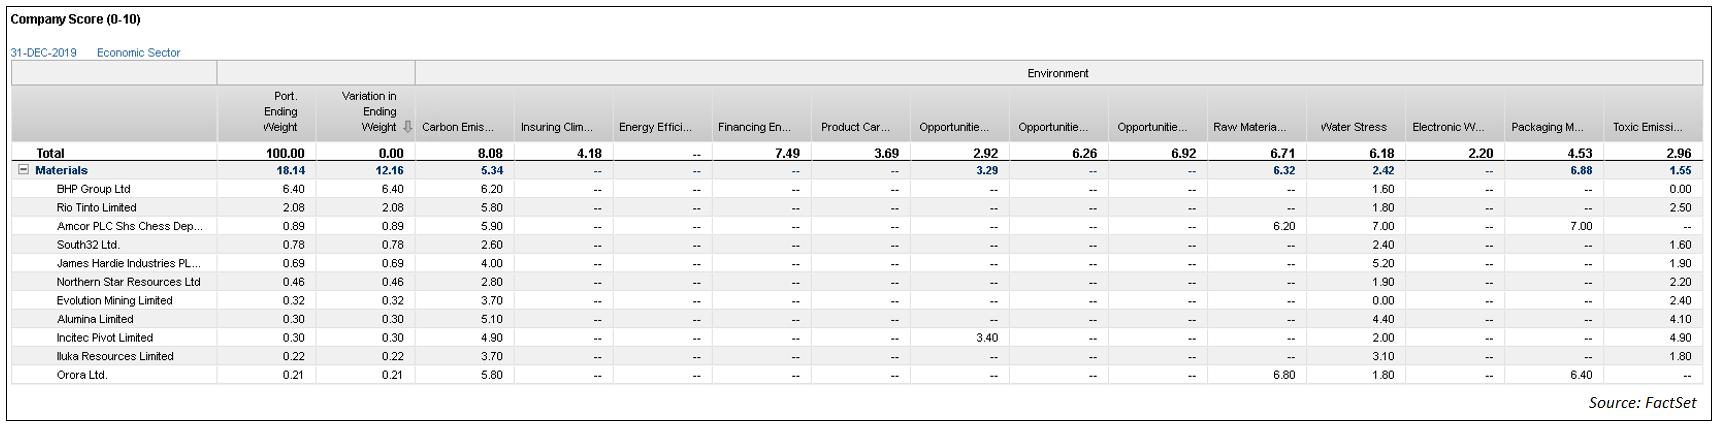 Company Scores - Materials